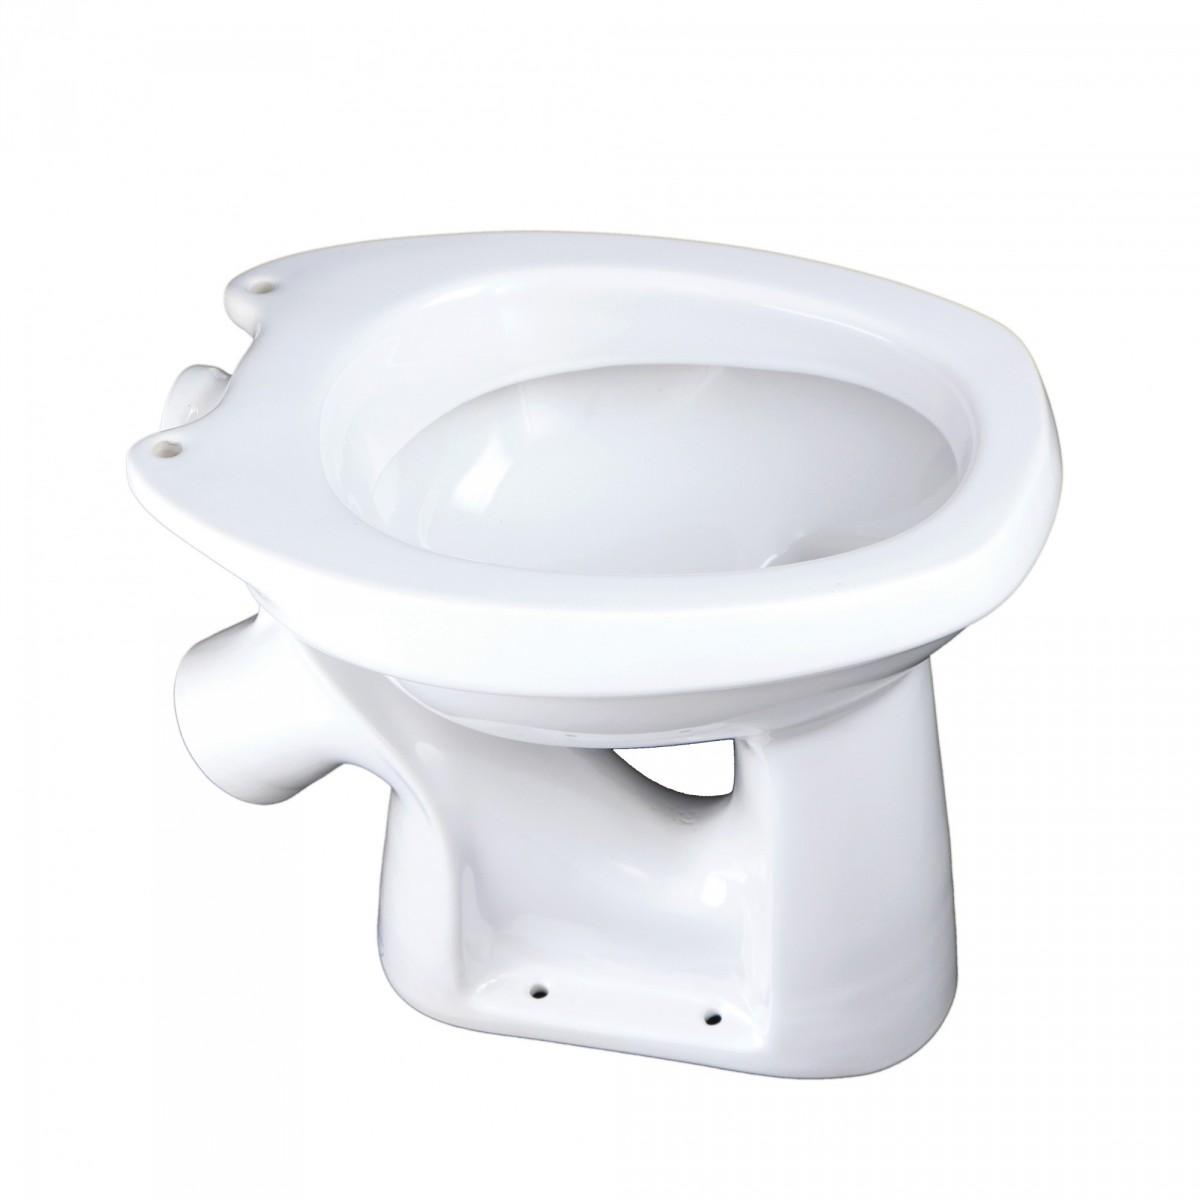 Унитаз Комфорт тарельчатый белый (чаша)